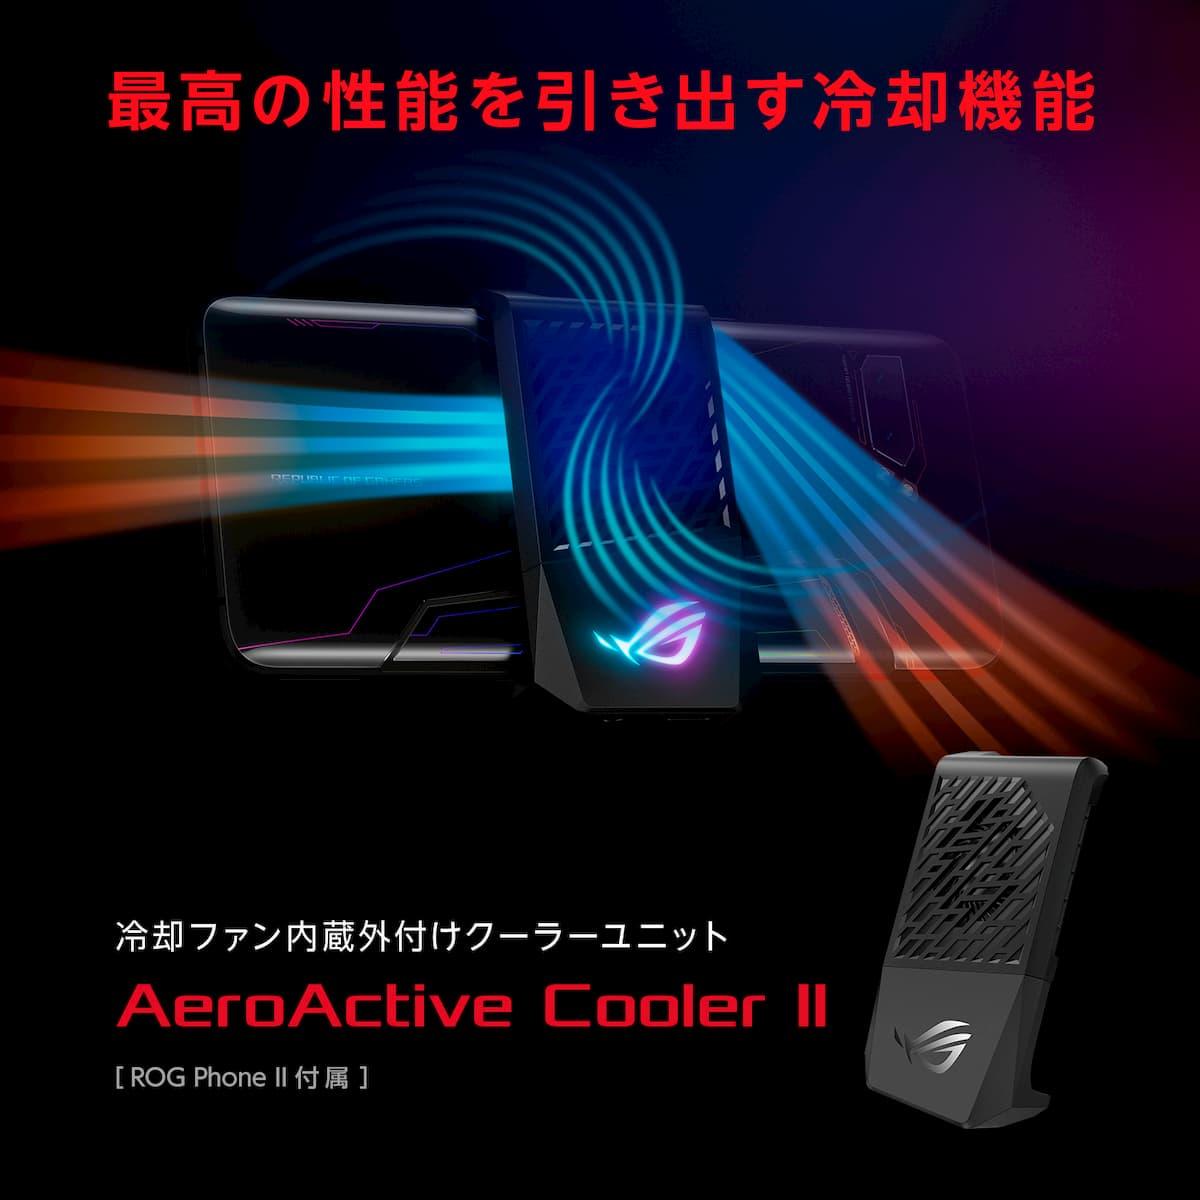 AeroActive Cooler II